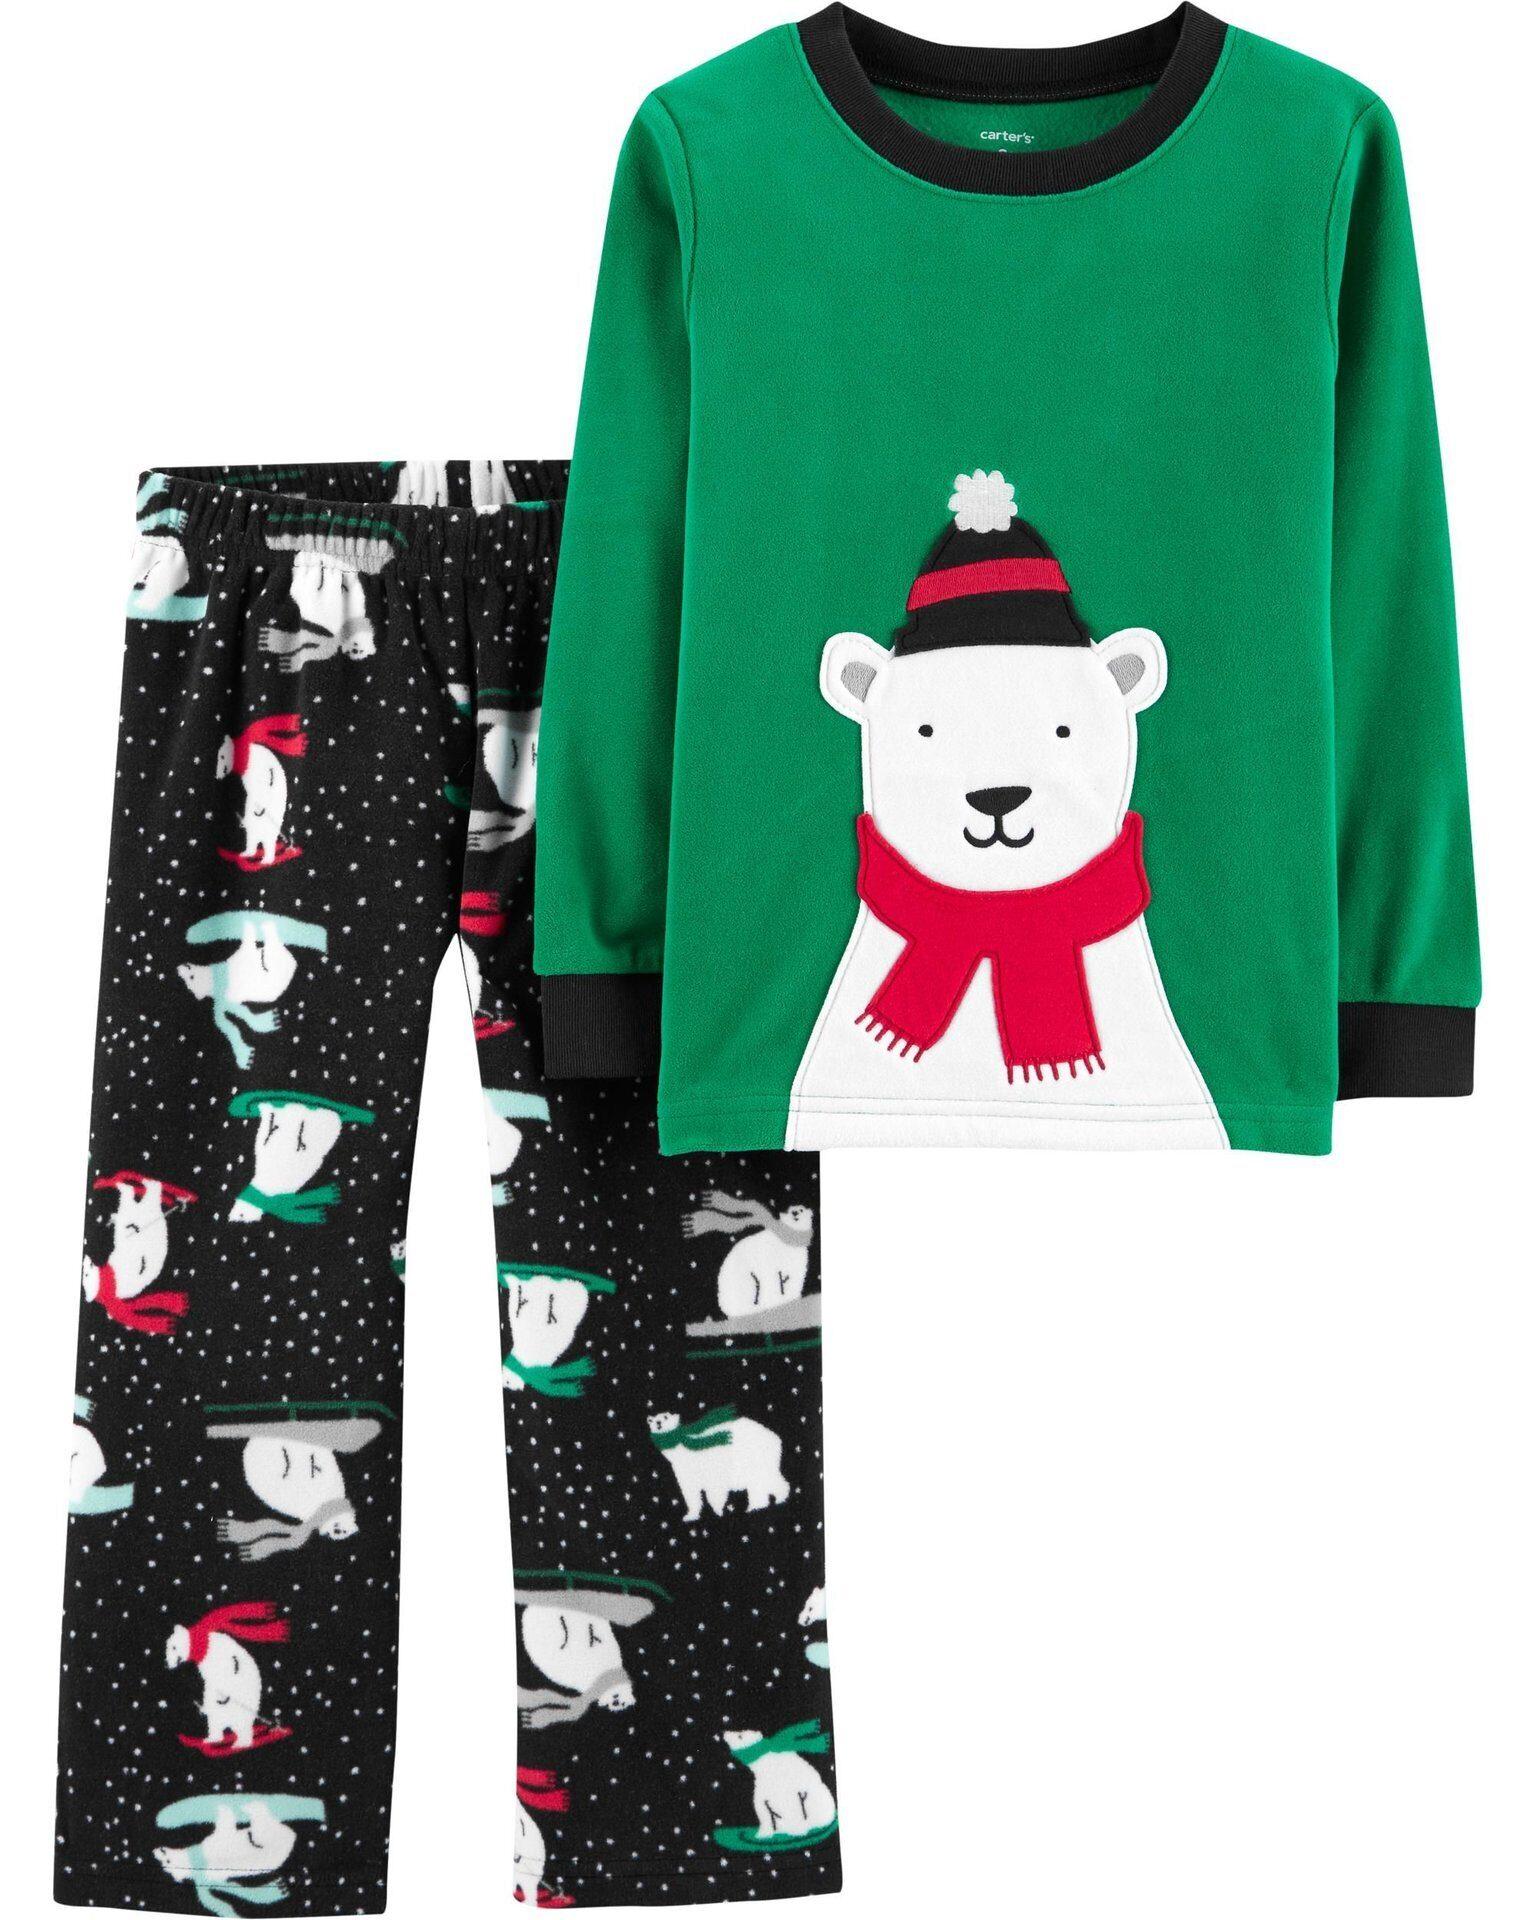 Флисовая пижама для мальчика новогодний белый медведь Carter s(Картерс) 552d05b013b64